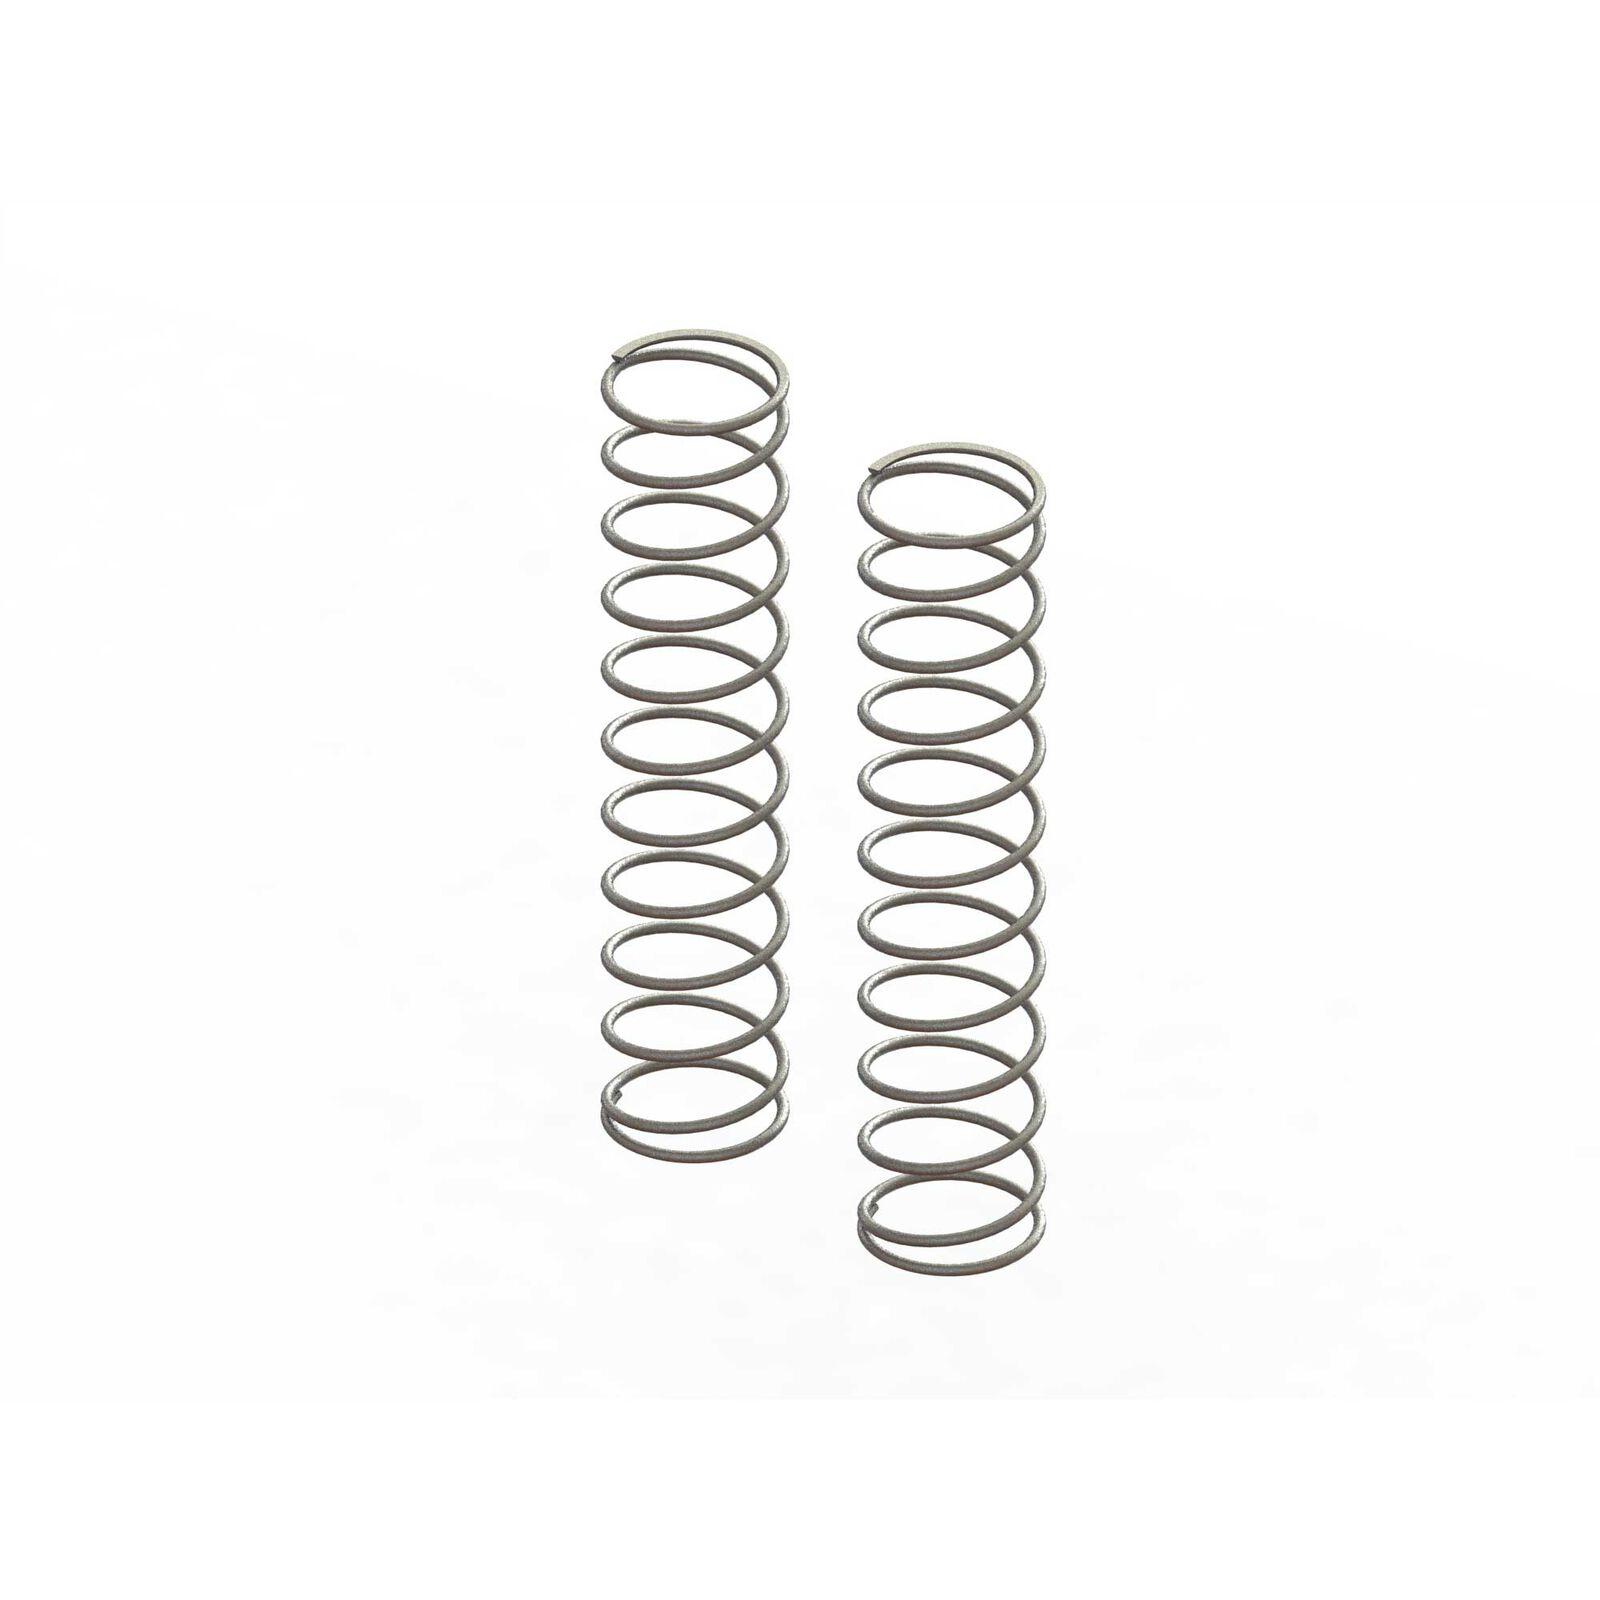 Shock Springs, 110mm 0.56N/sq.m (3.2 f-lb/in) (2)